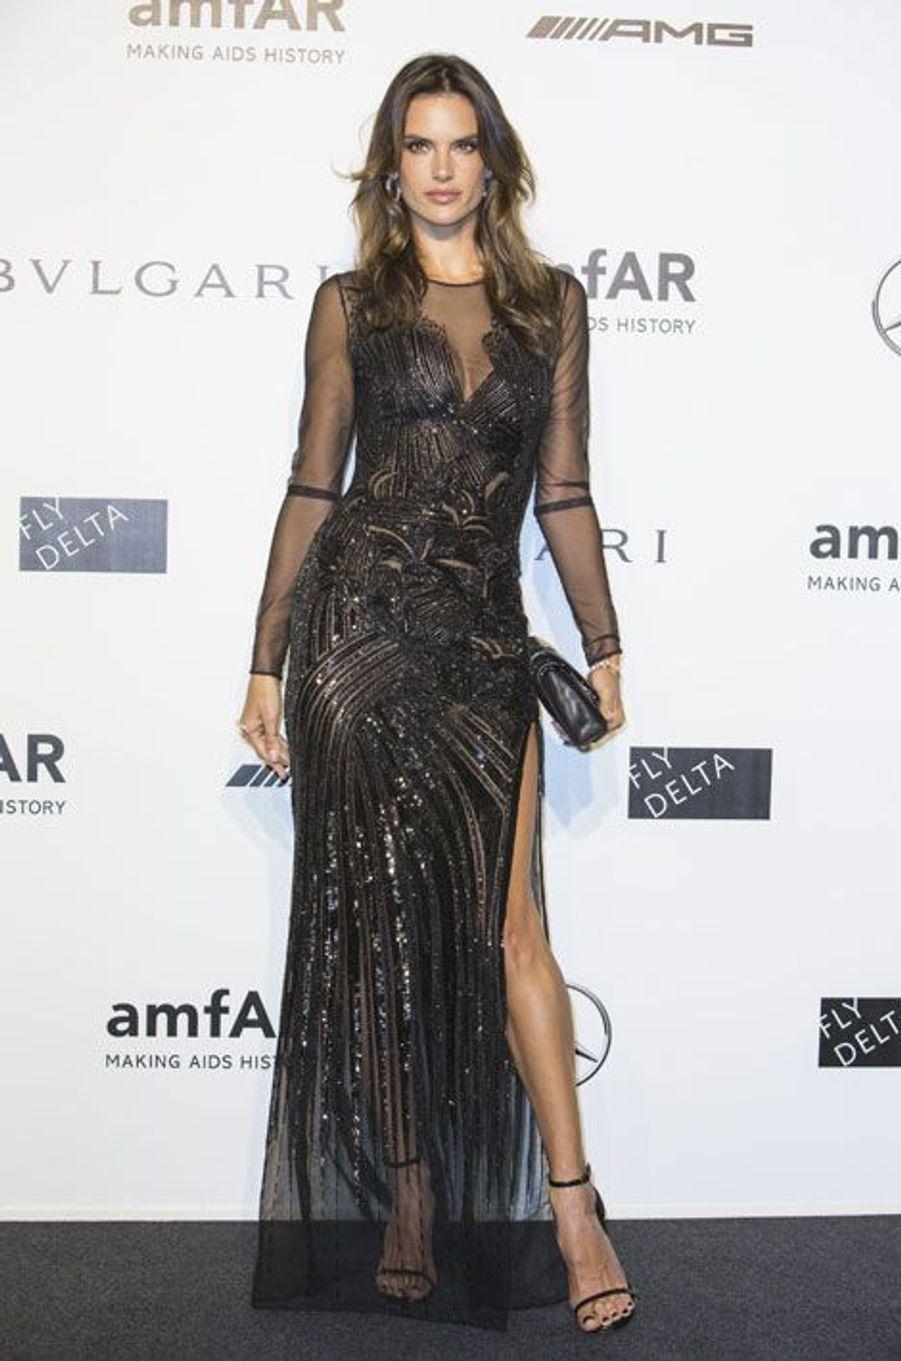 Le top brésilien Alessandra Ambrosio en Versace, au gala de l'amfAR à Milan, le 20 septembre 2014